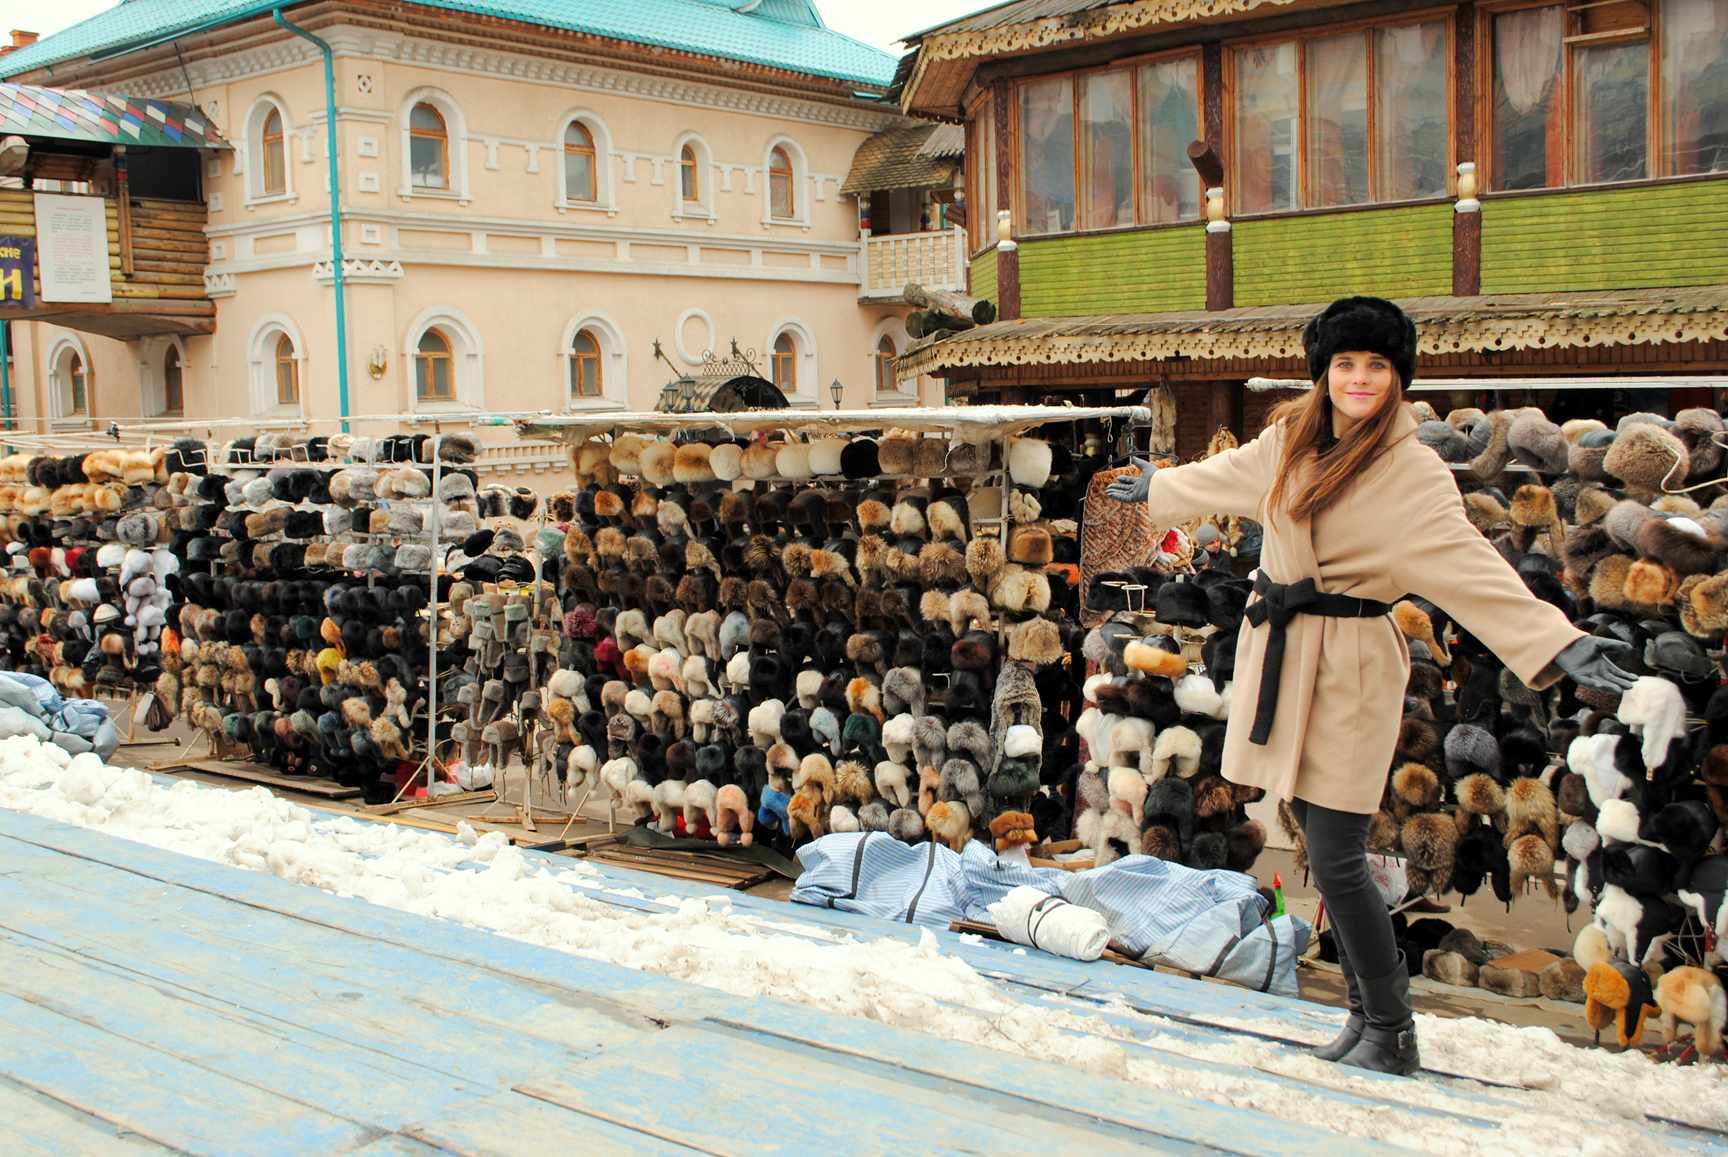 mercado-izmailovo-productos-14